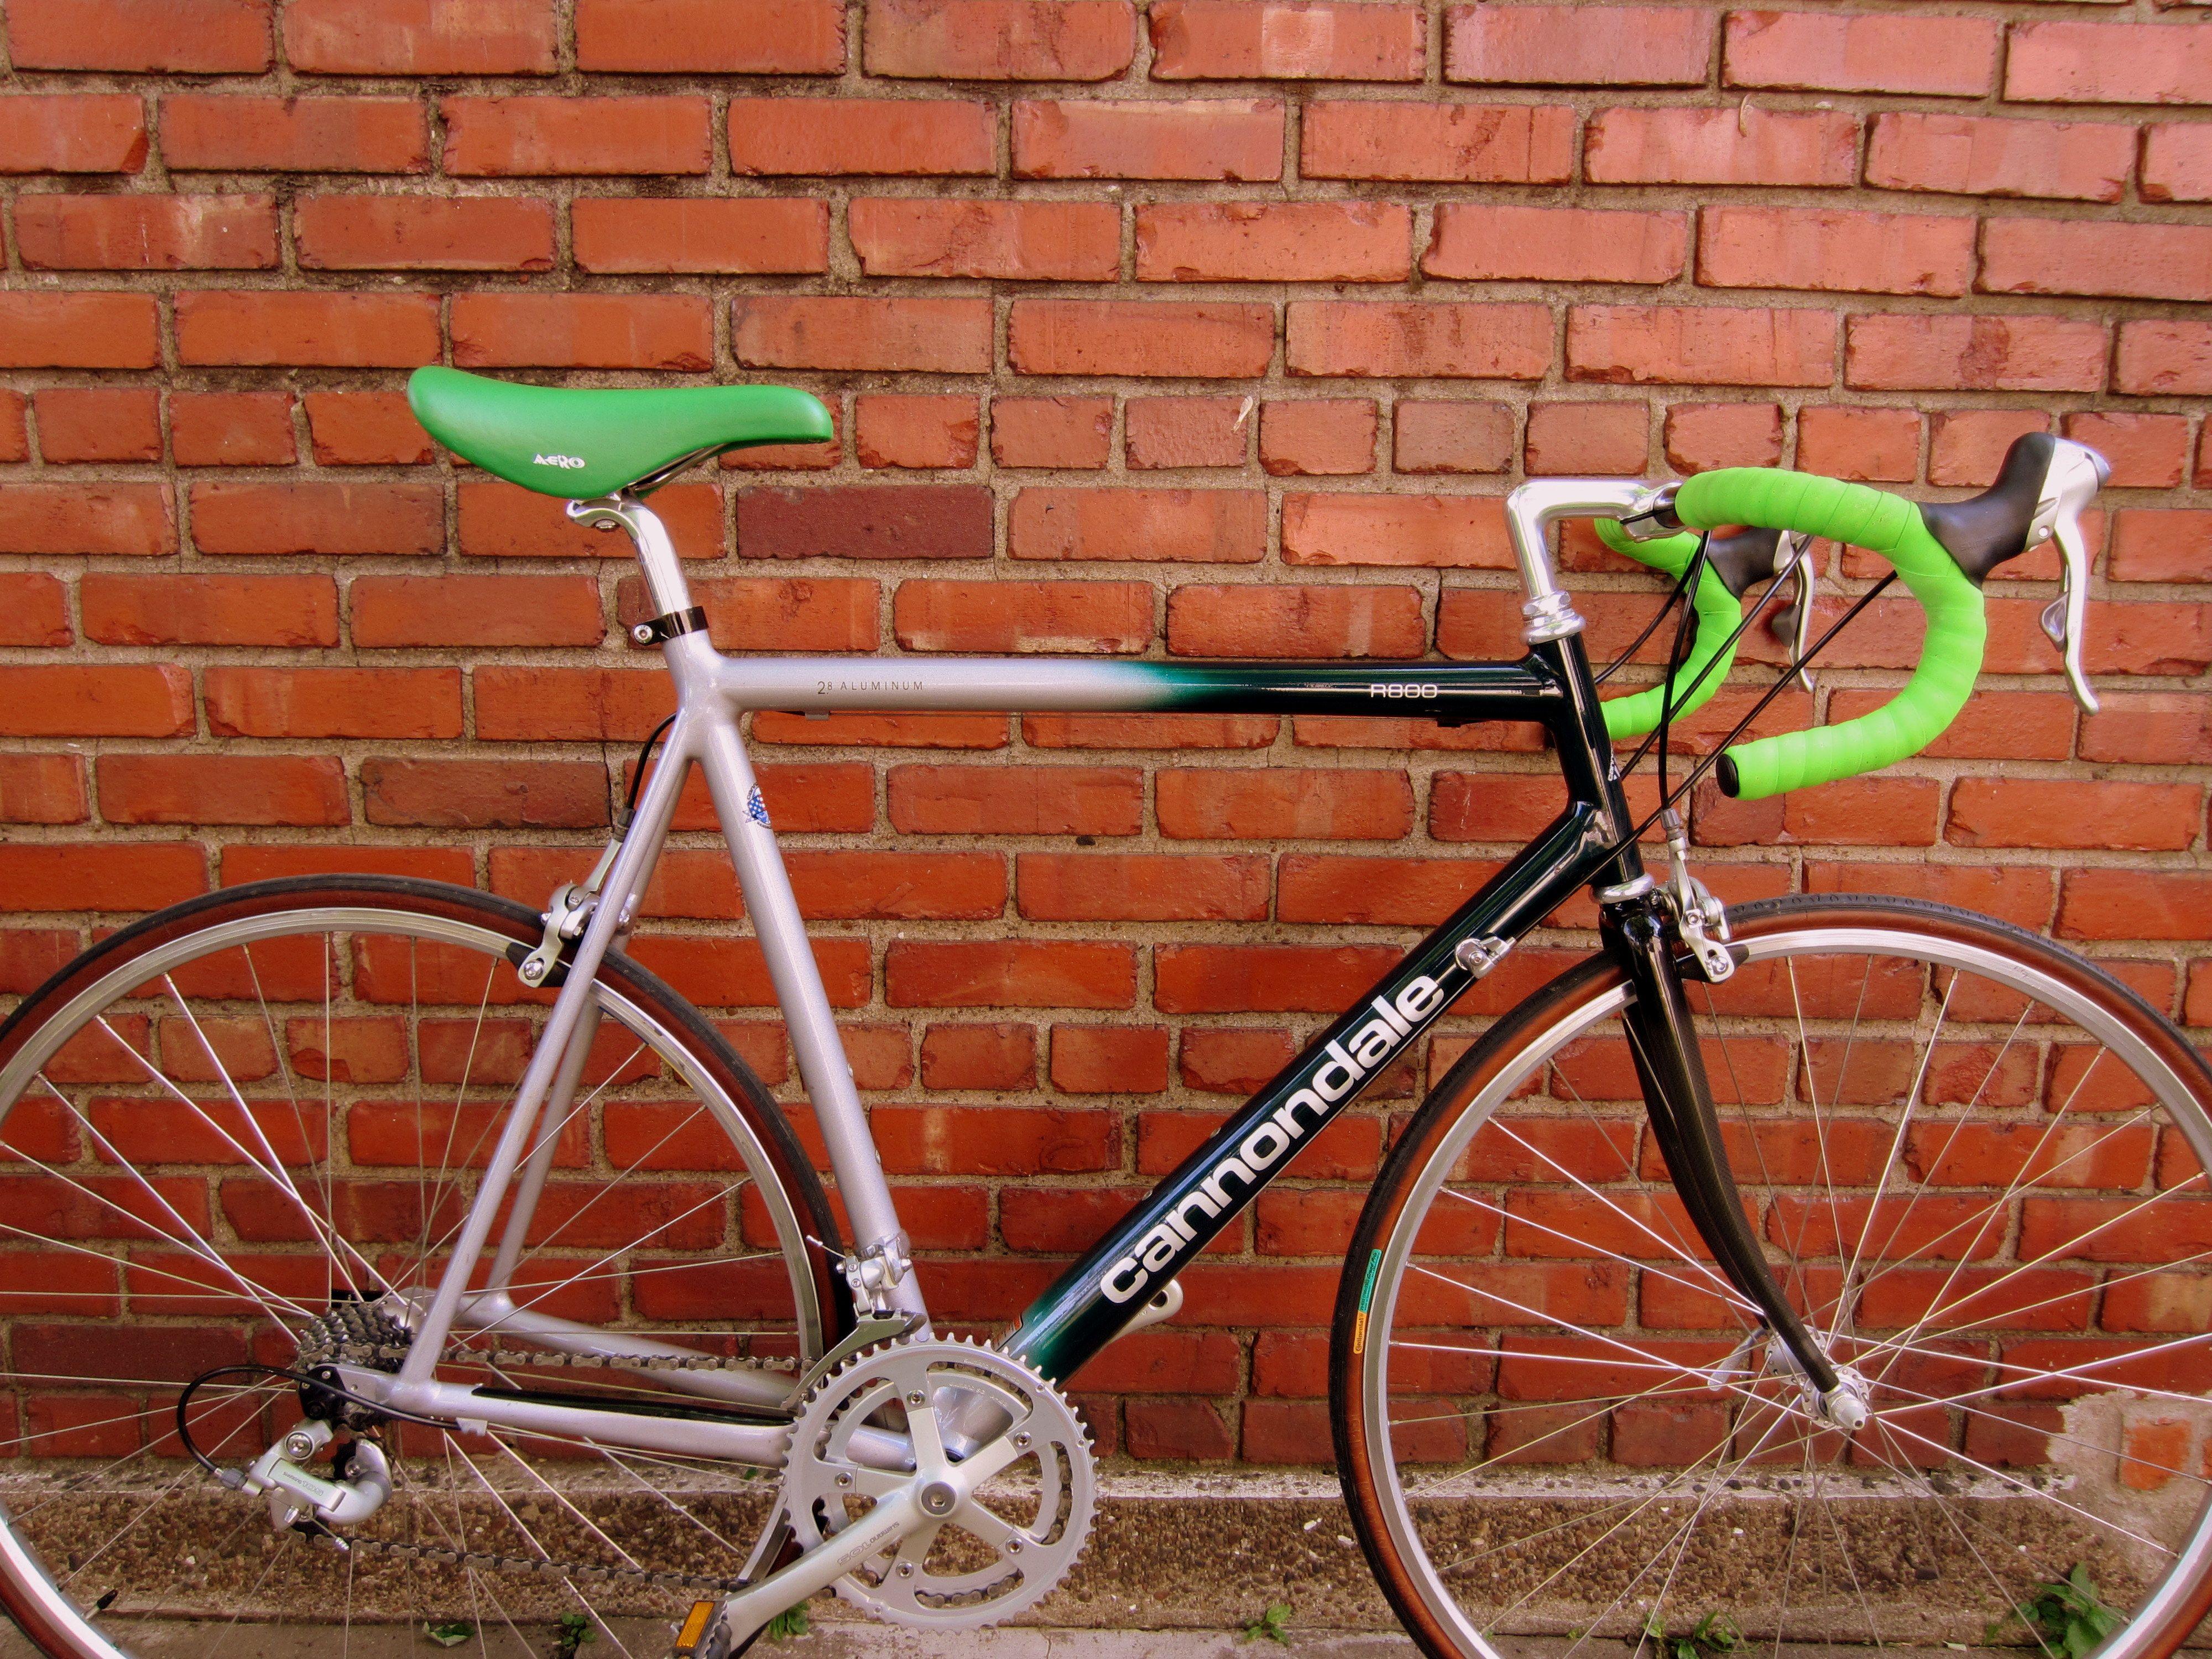 Cannondale R800 Old Bikes Belong 187 58cm Cannondale R800